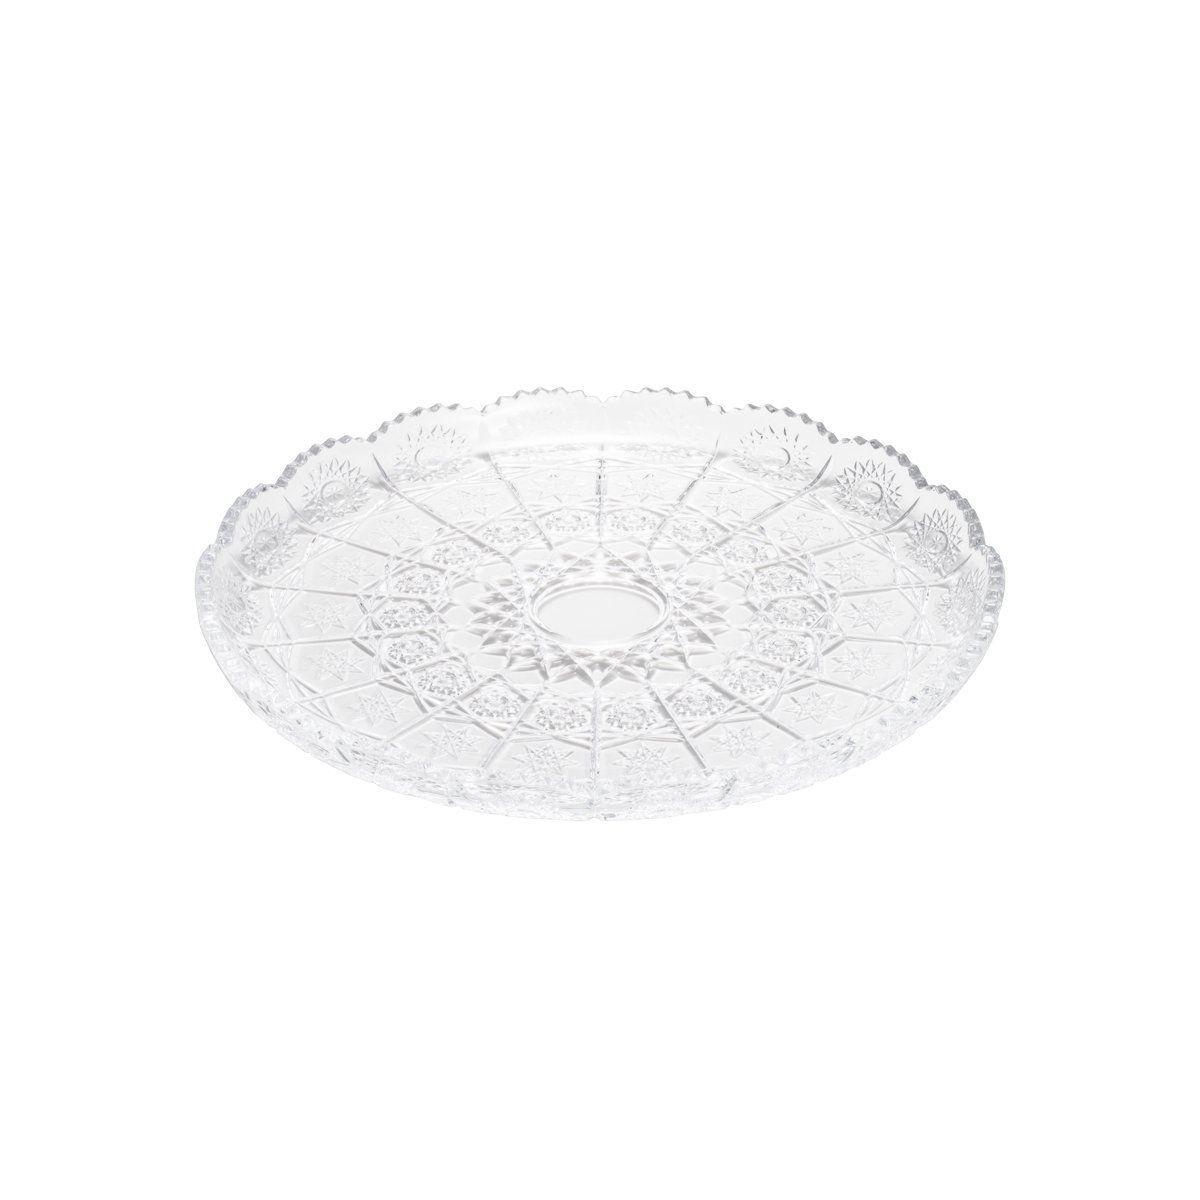 Prato 30 cm para bolo de cristal transparente Starry Wolff - 25550